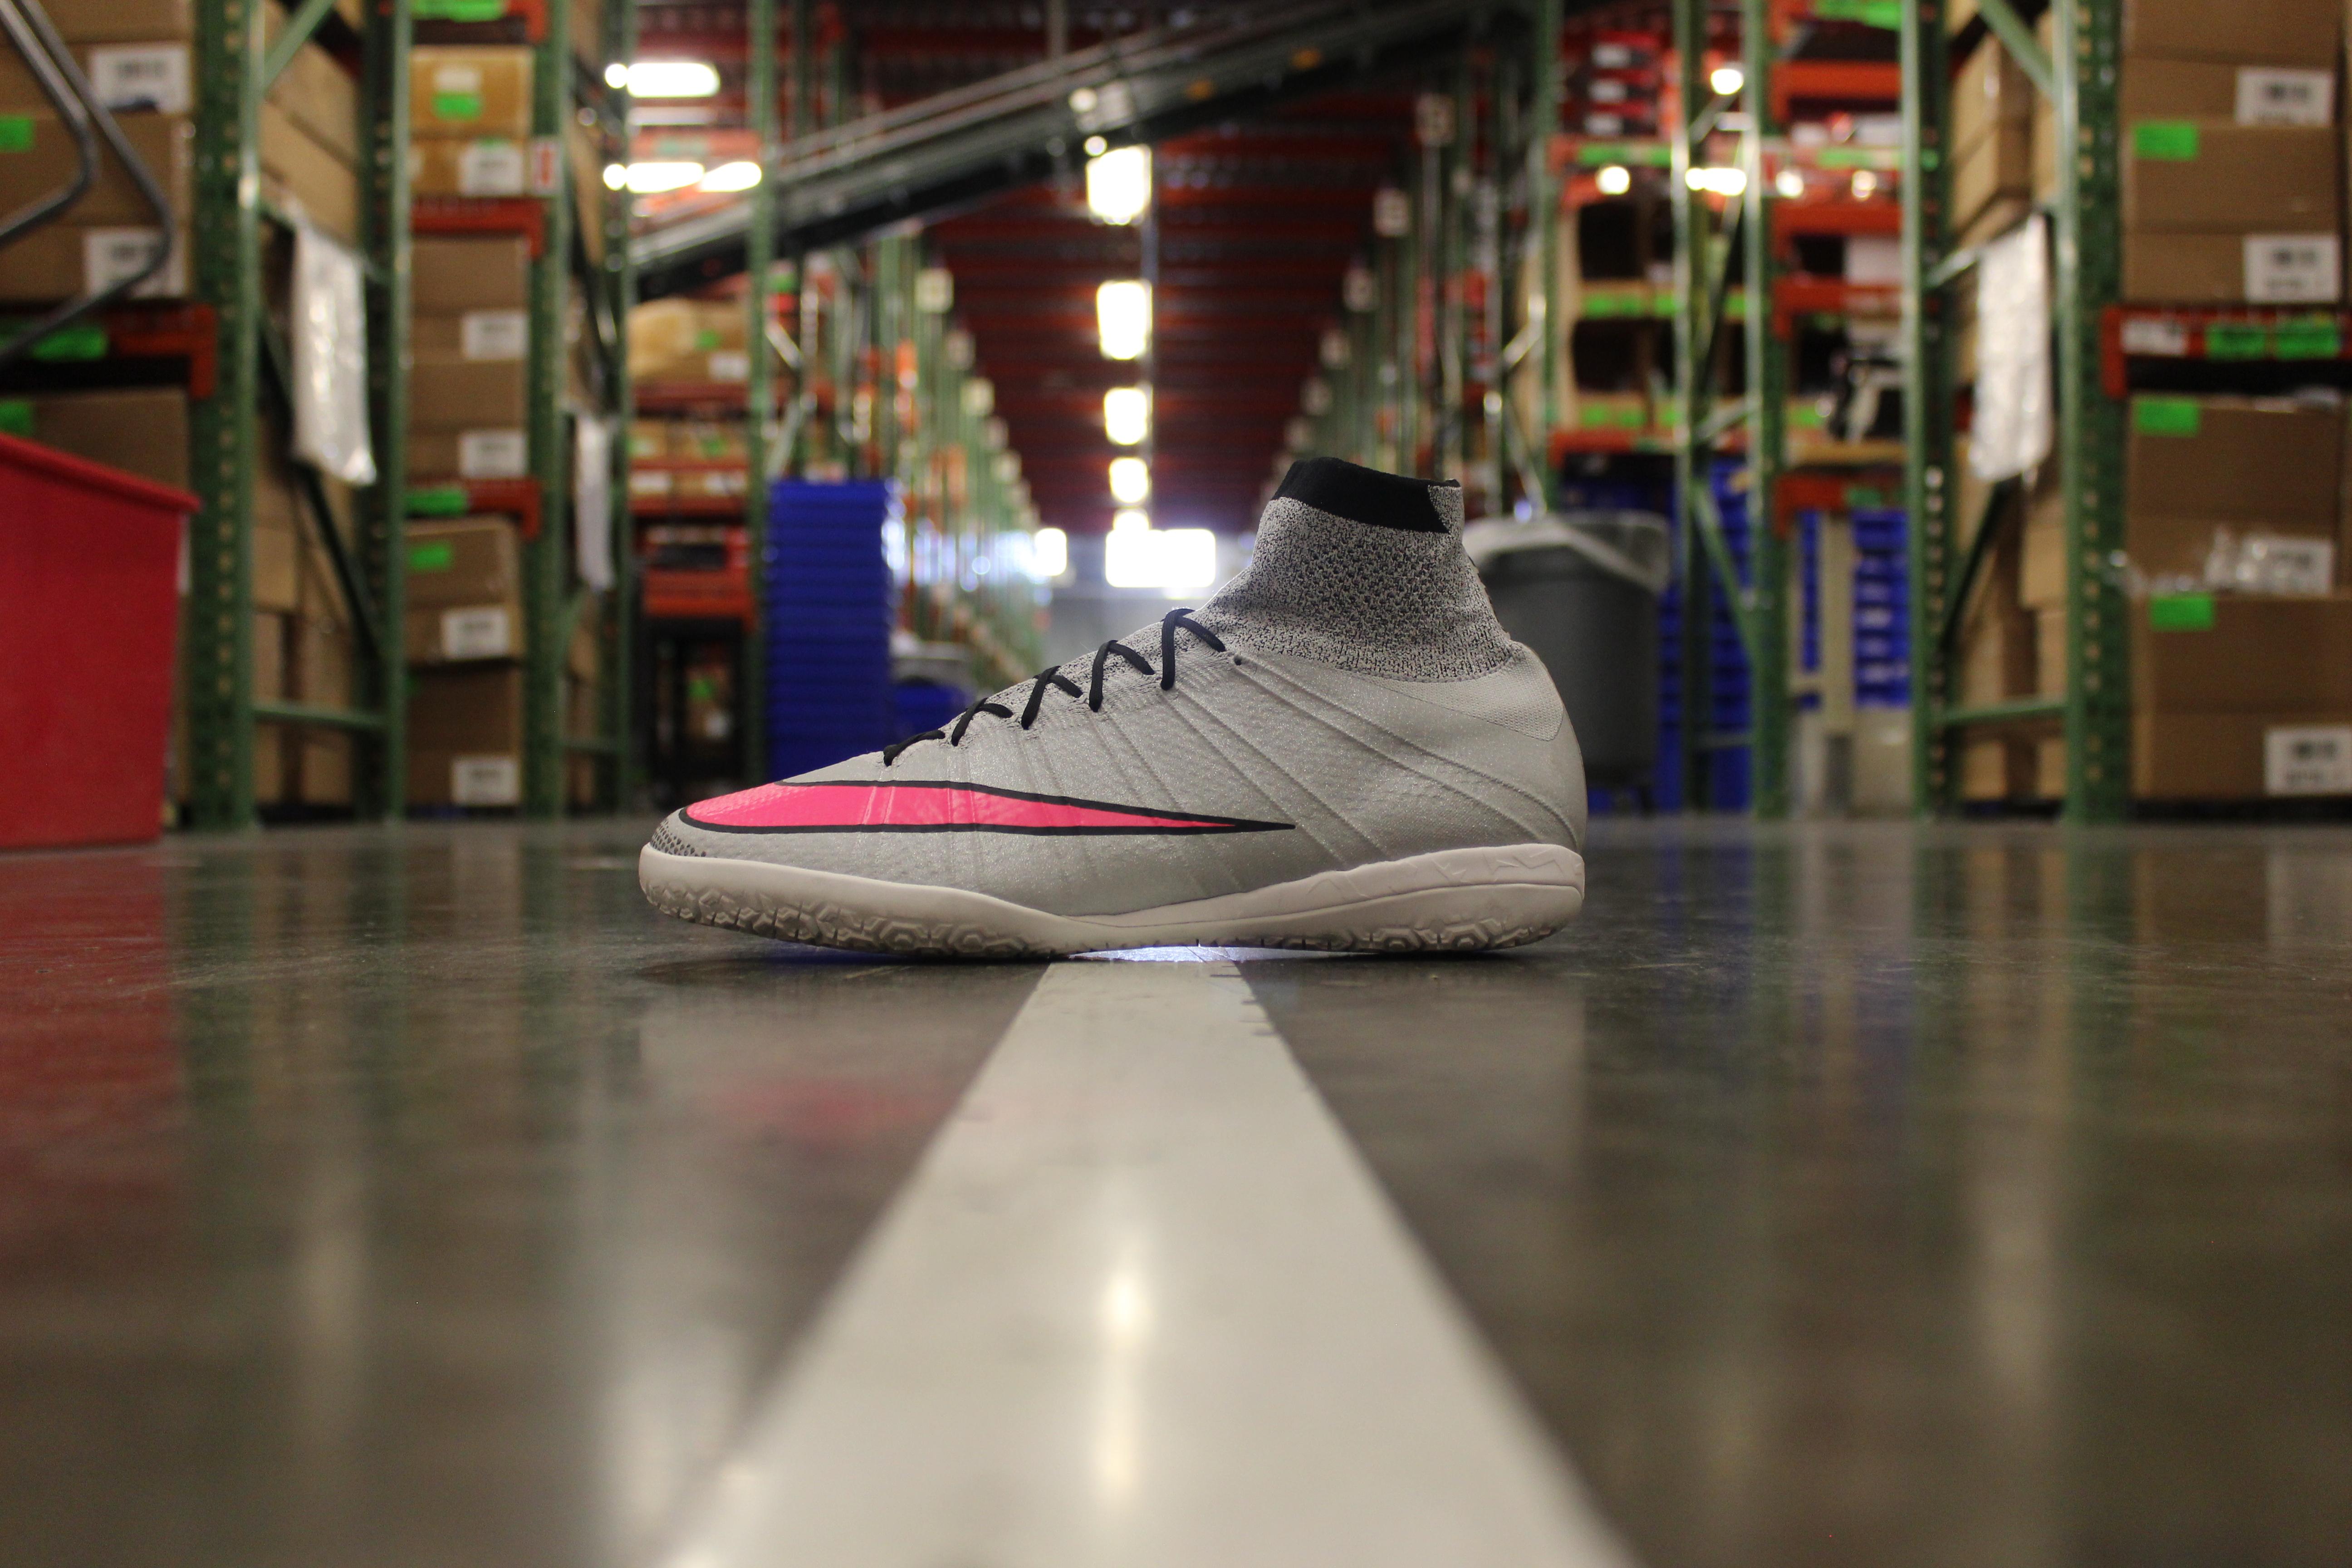 619dbe29 Nike внёс огромный вклад в футбольную моду и стиль. Каждый раз при выходе  новой линейки бутс они сразу же привлекают к себе внимание.